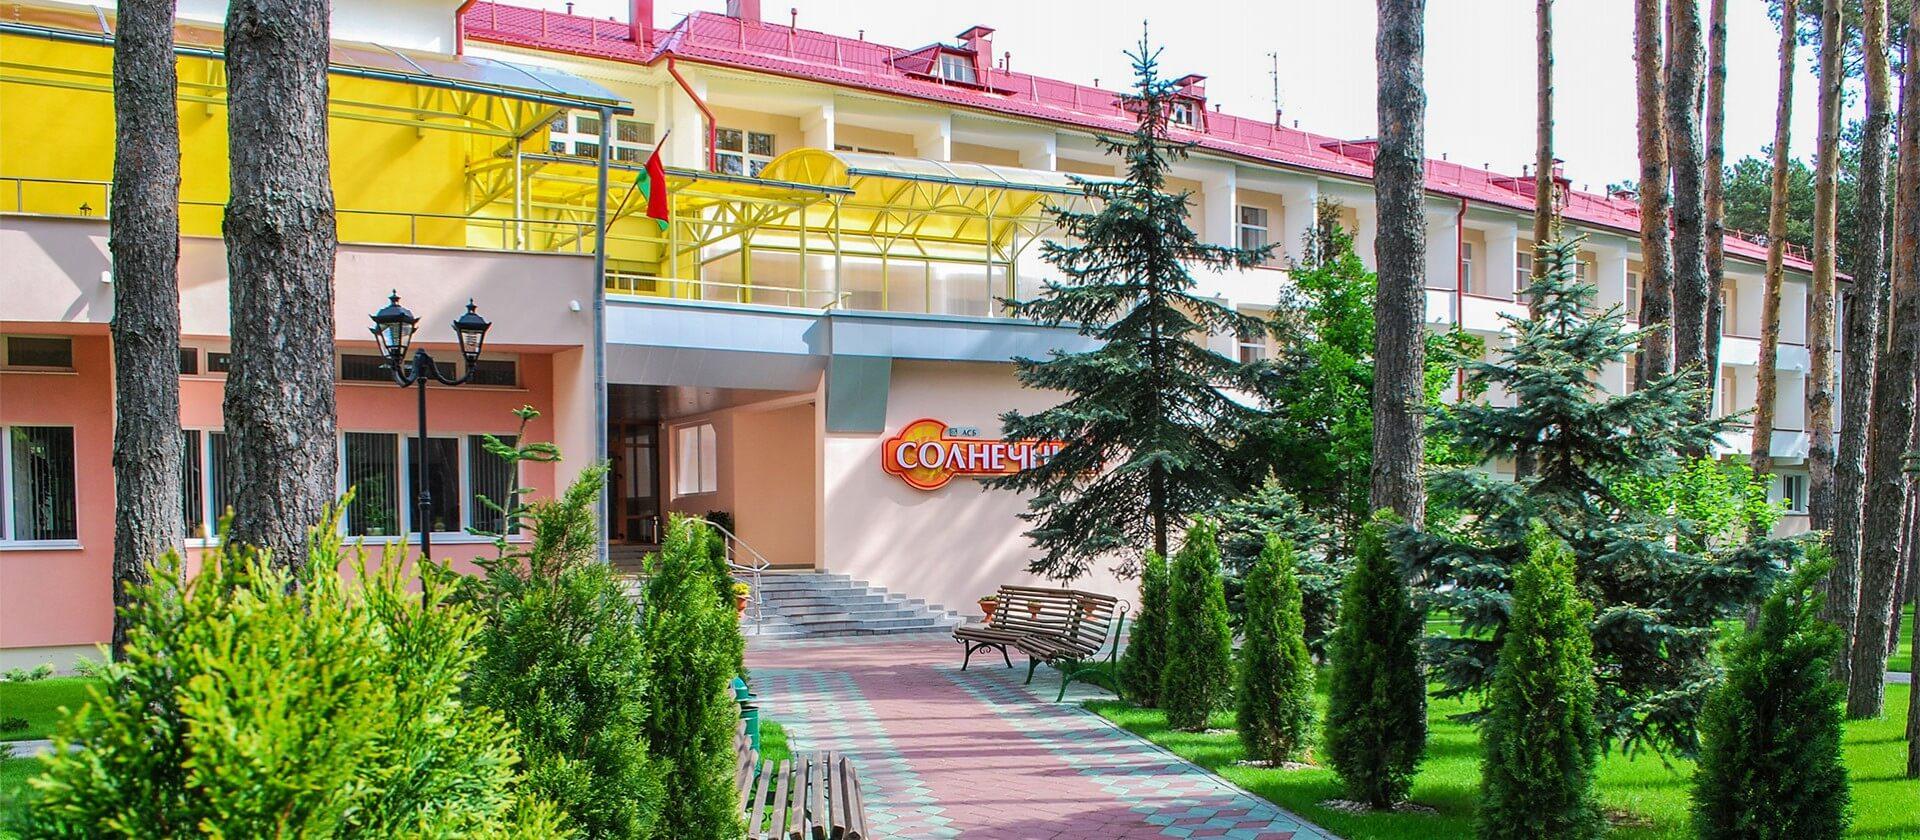 Лечение в санатории Солнечный в Белоруссии